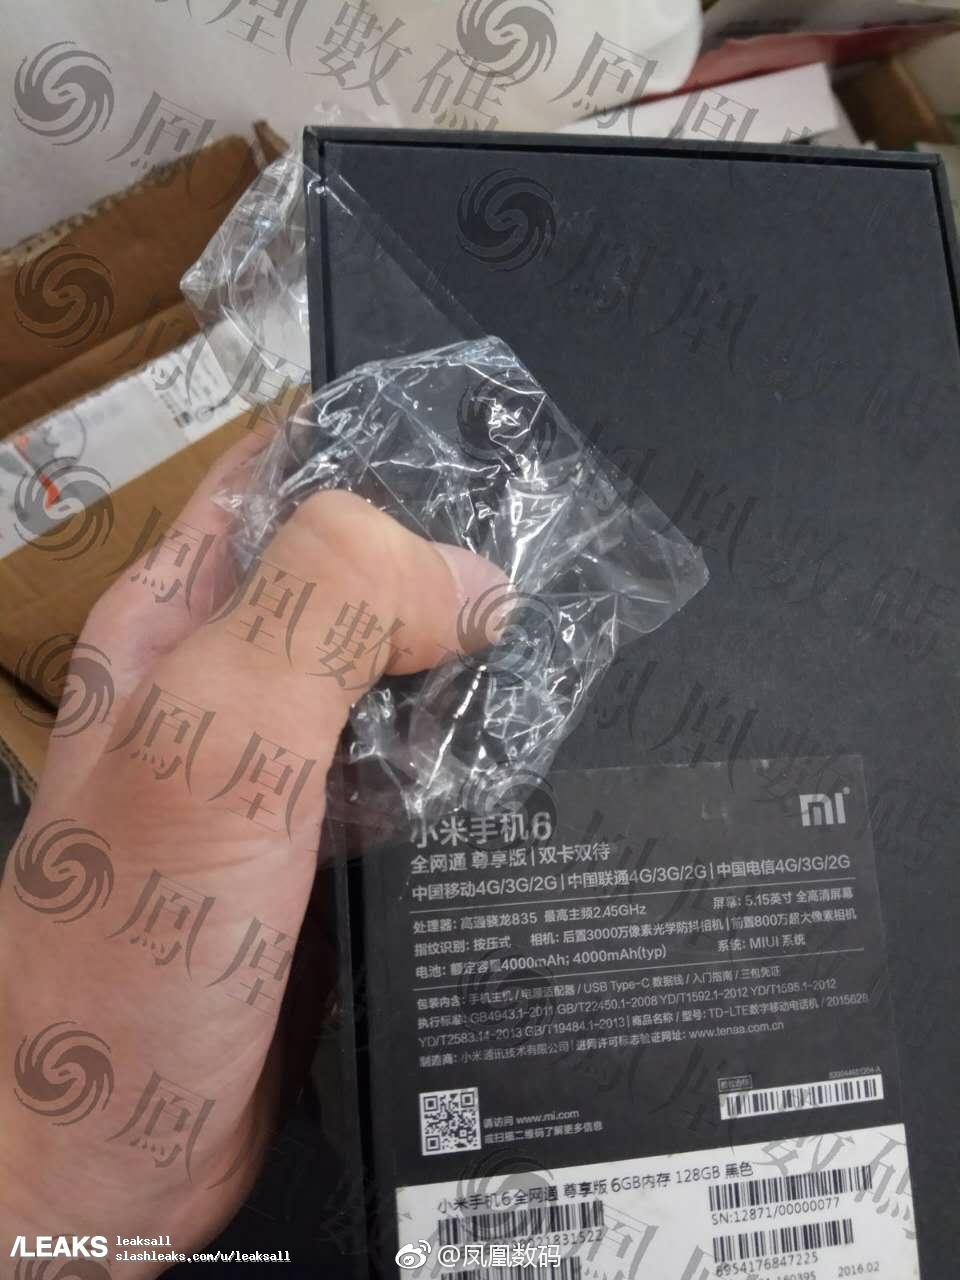 img Mi 6 Box Leaked New Image.